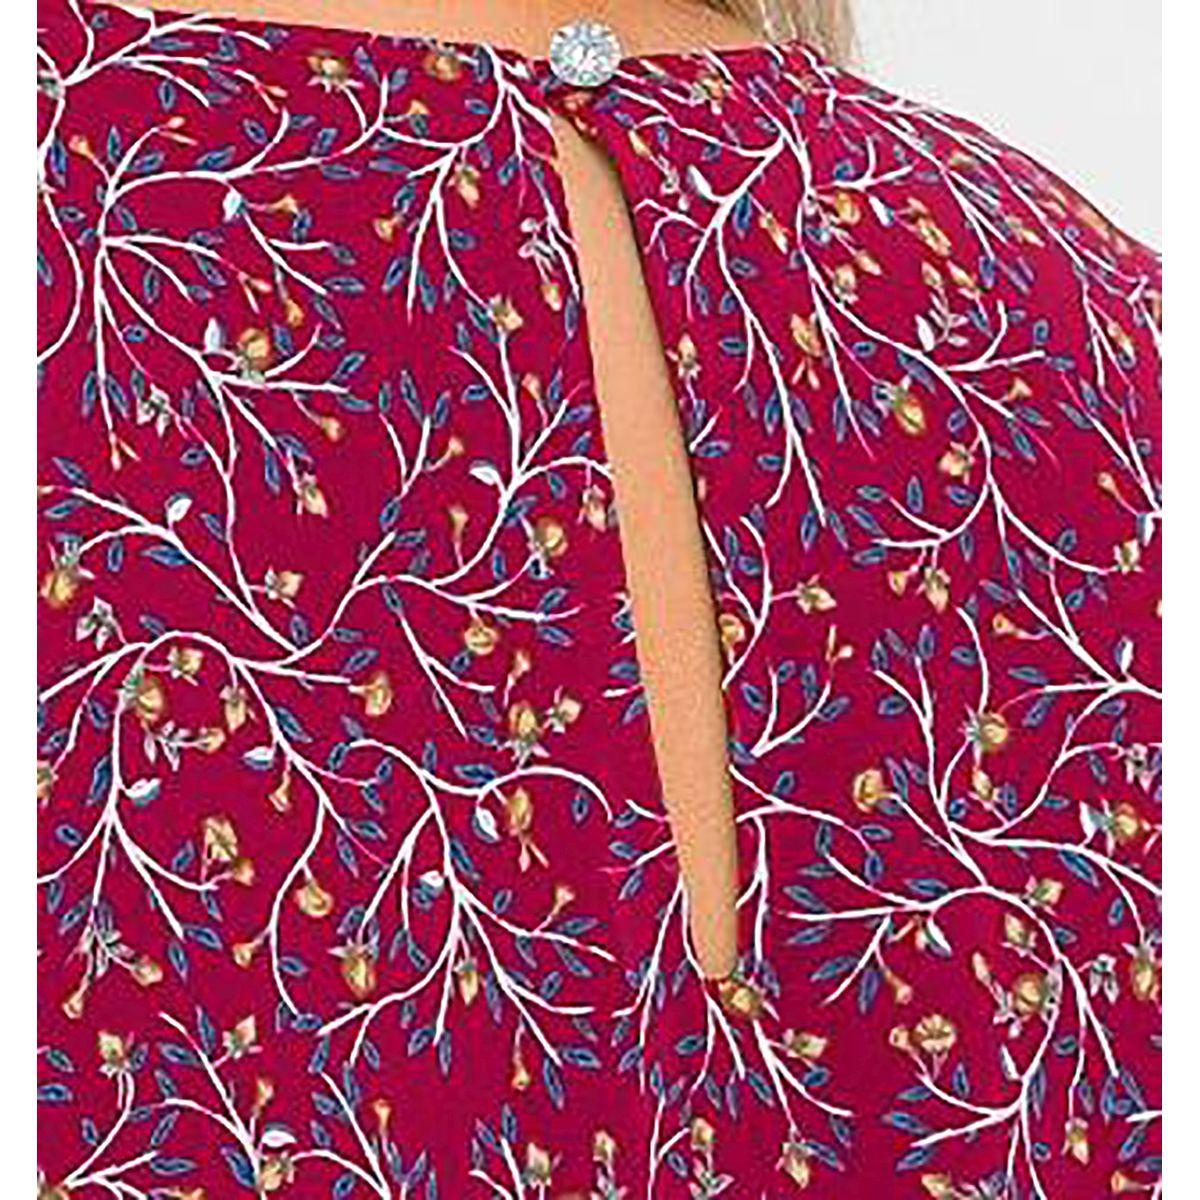 Платье длинное, с мягкими складками по горловине, шифон принт ягодный